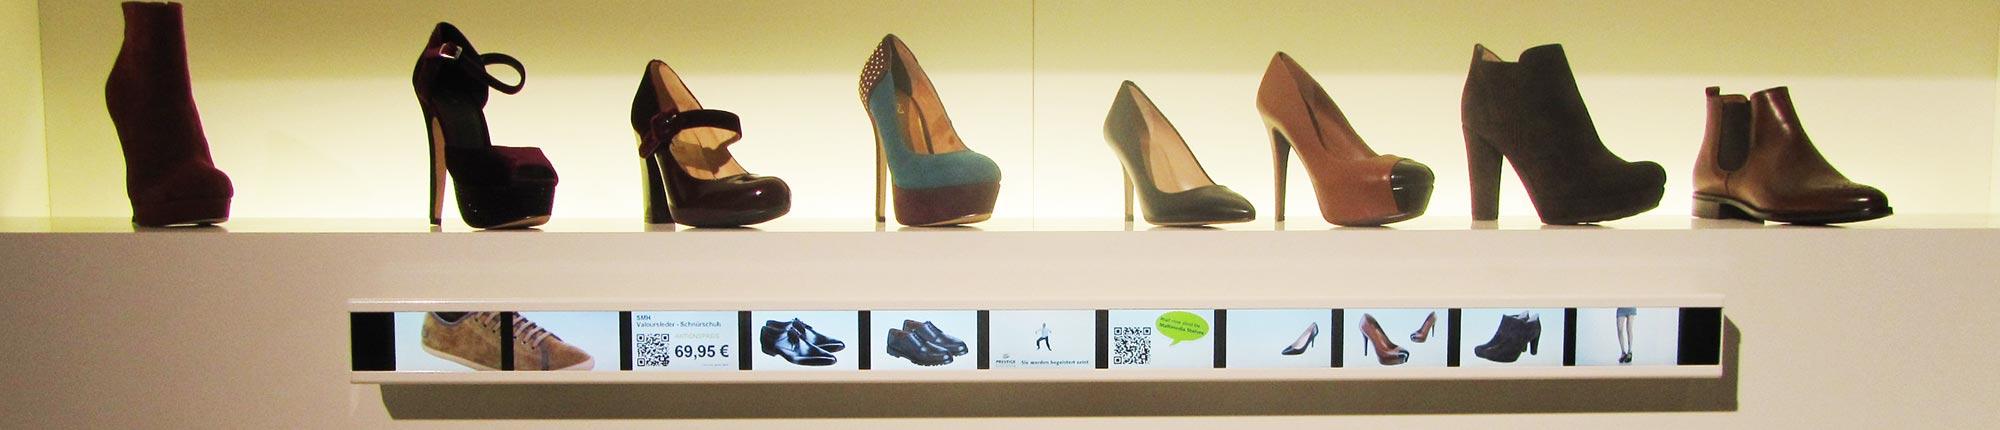 Promotion mit digitalen Leisten am Schuhregal als Digitals Signage Lösung für den Schuhhandel